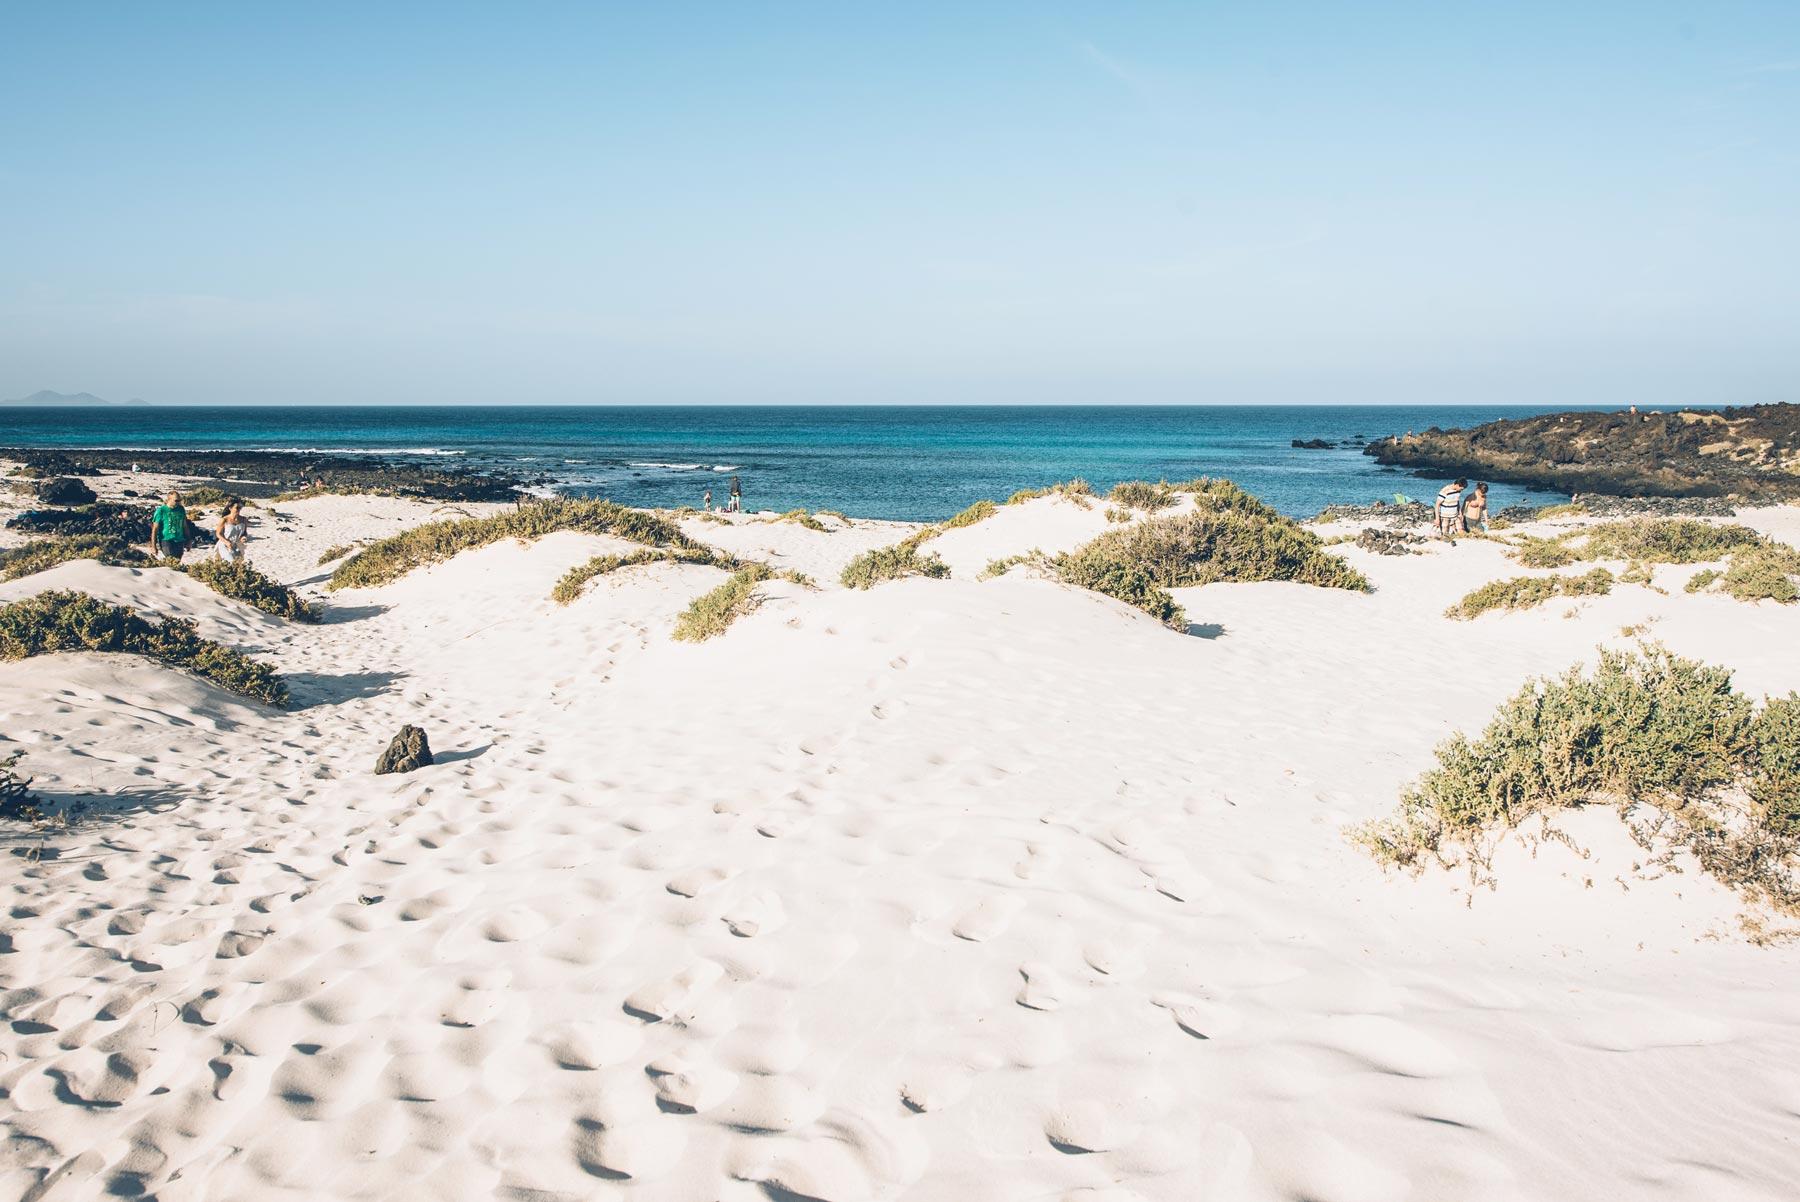 Plage de sable Blanc, Lanzarote